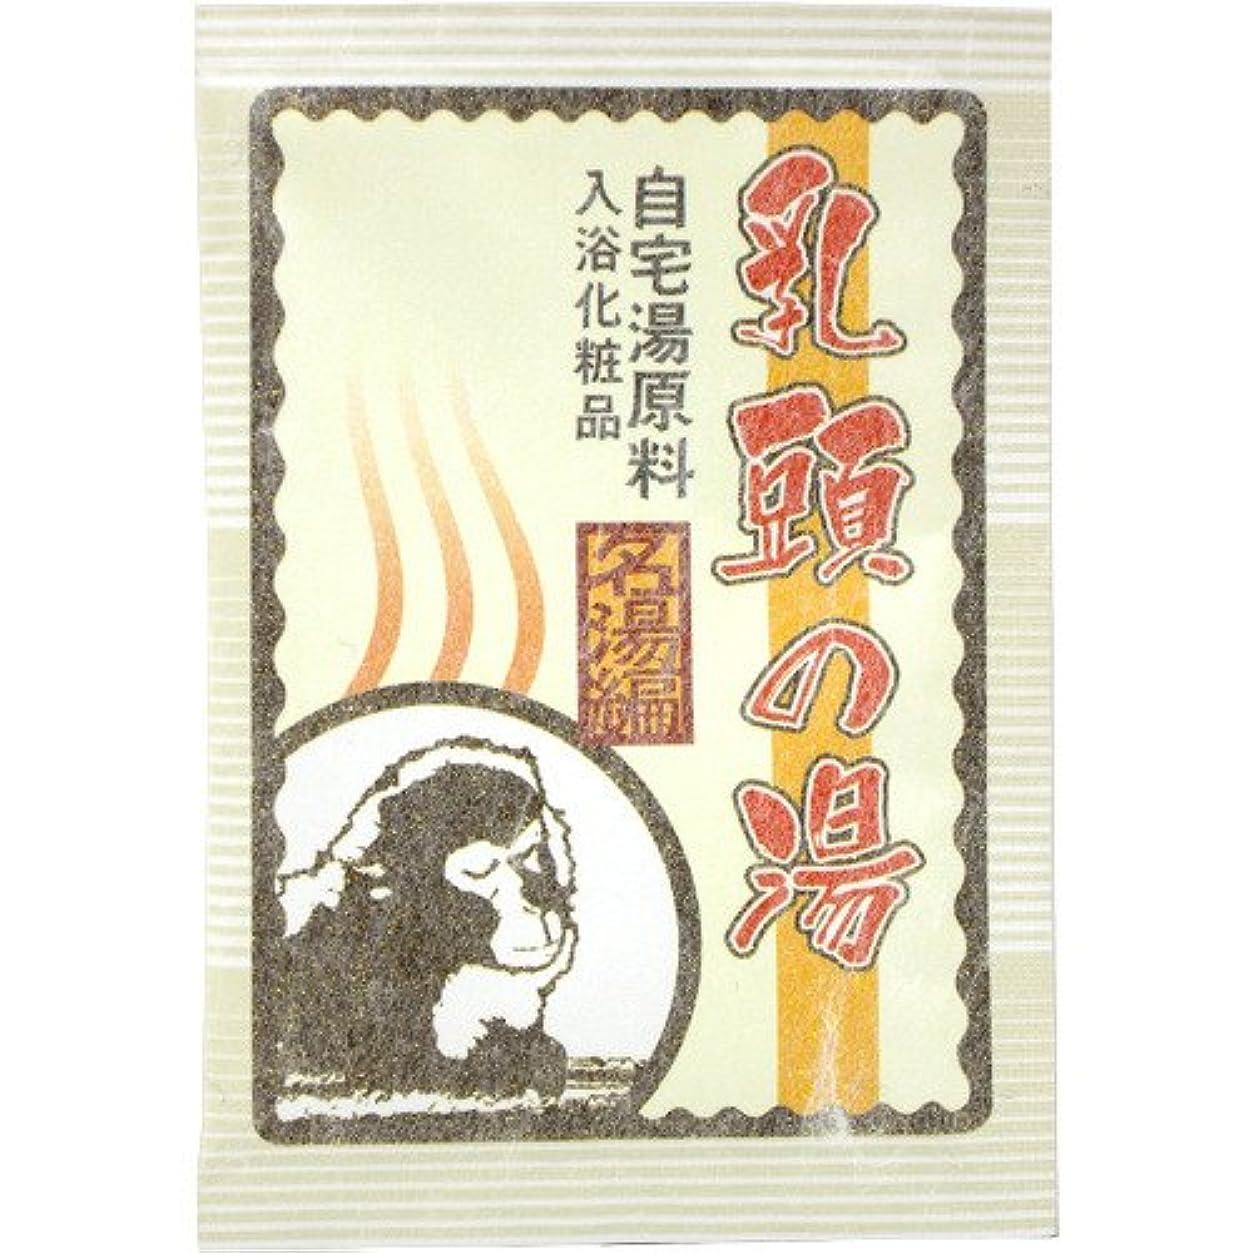 選挙初心者光電環境科学 自宅湯原料 名湯編 乳頭の湯 30g 4519445310200